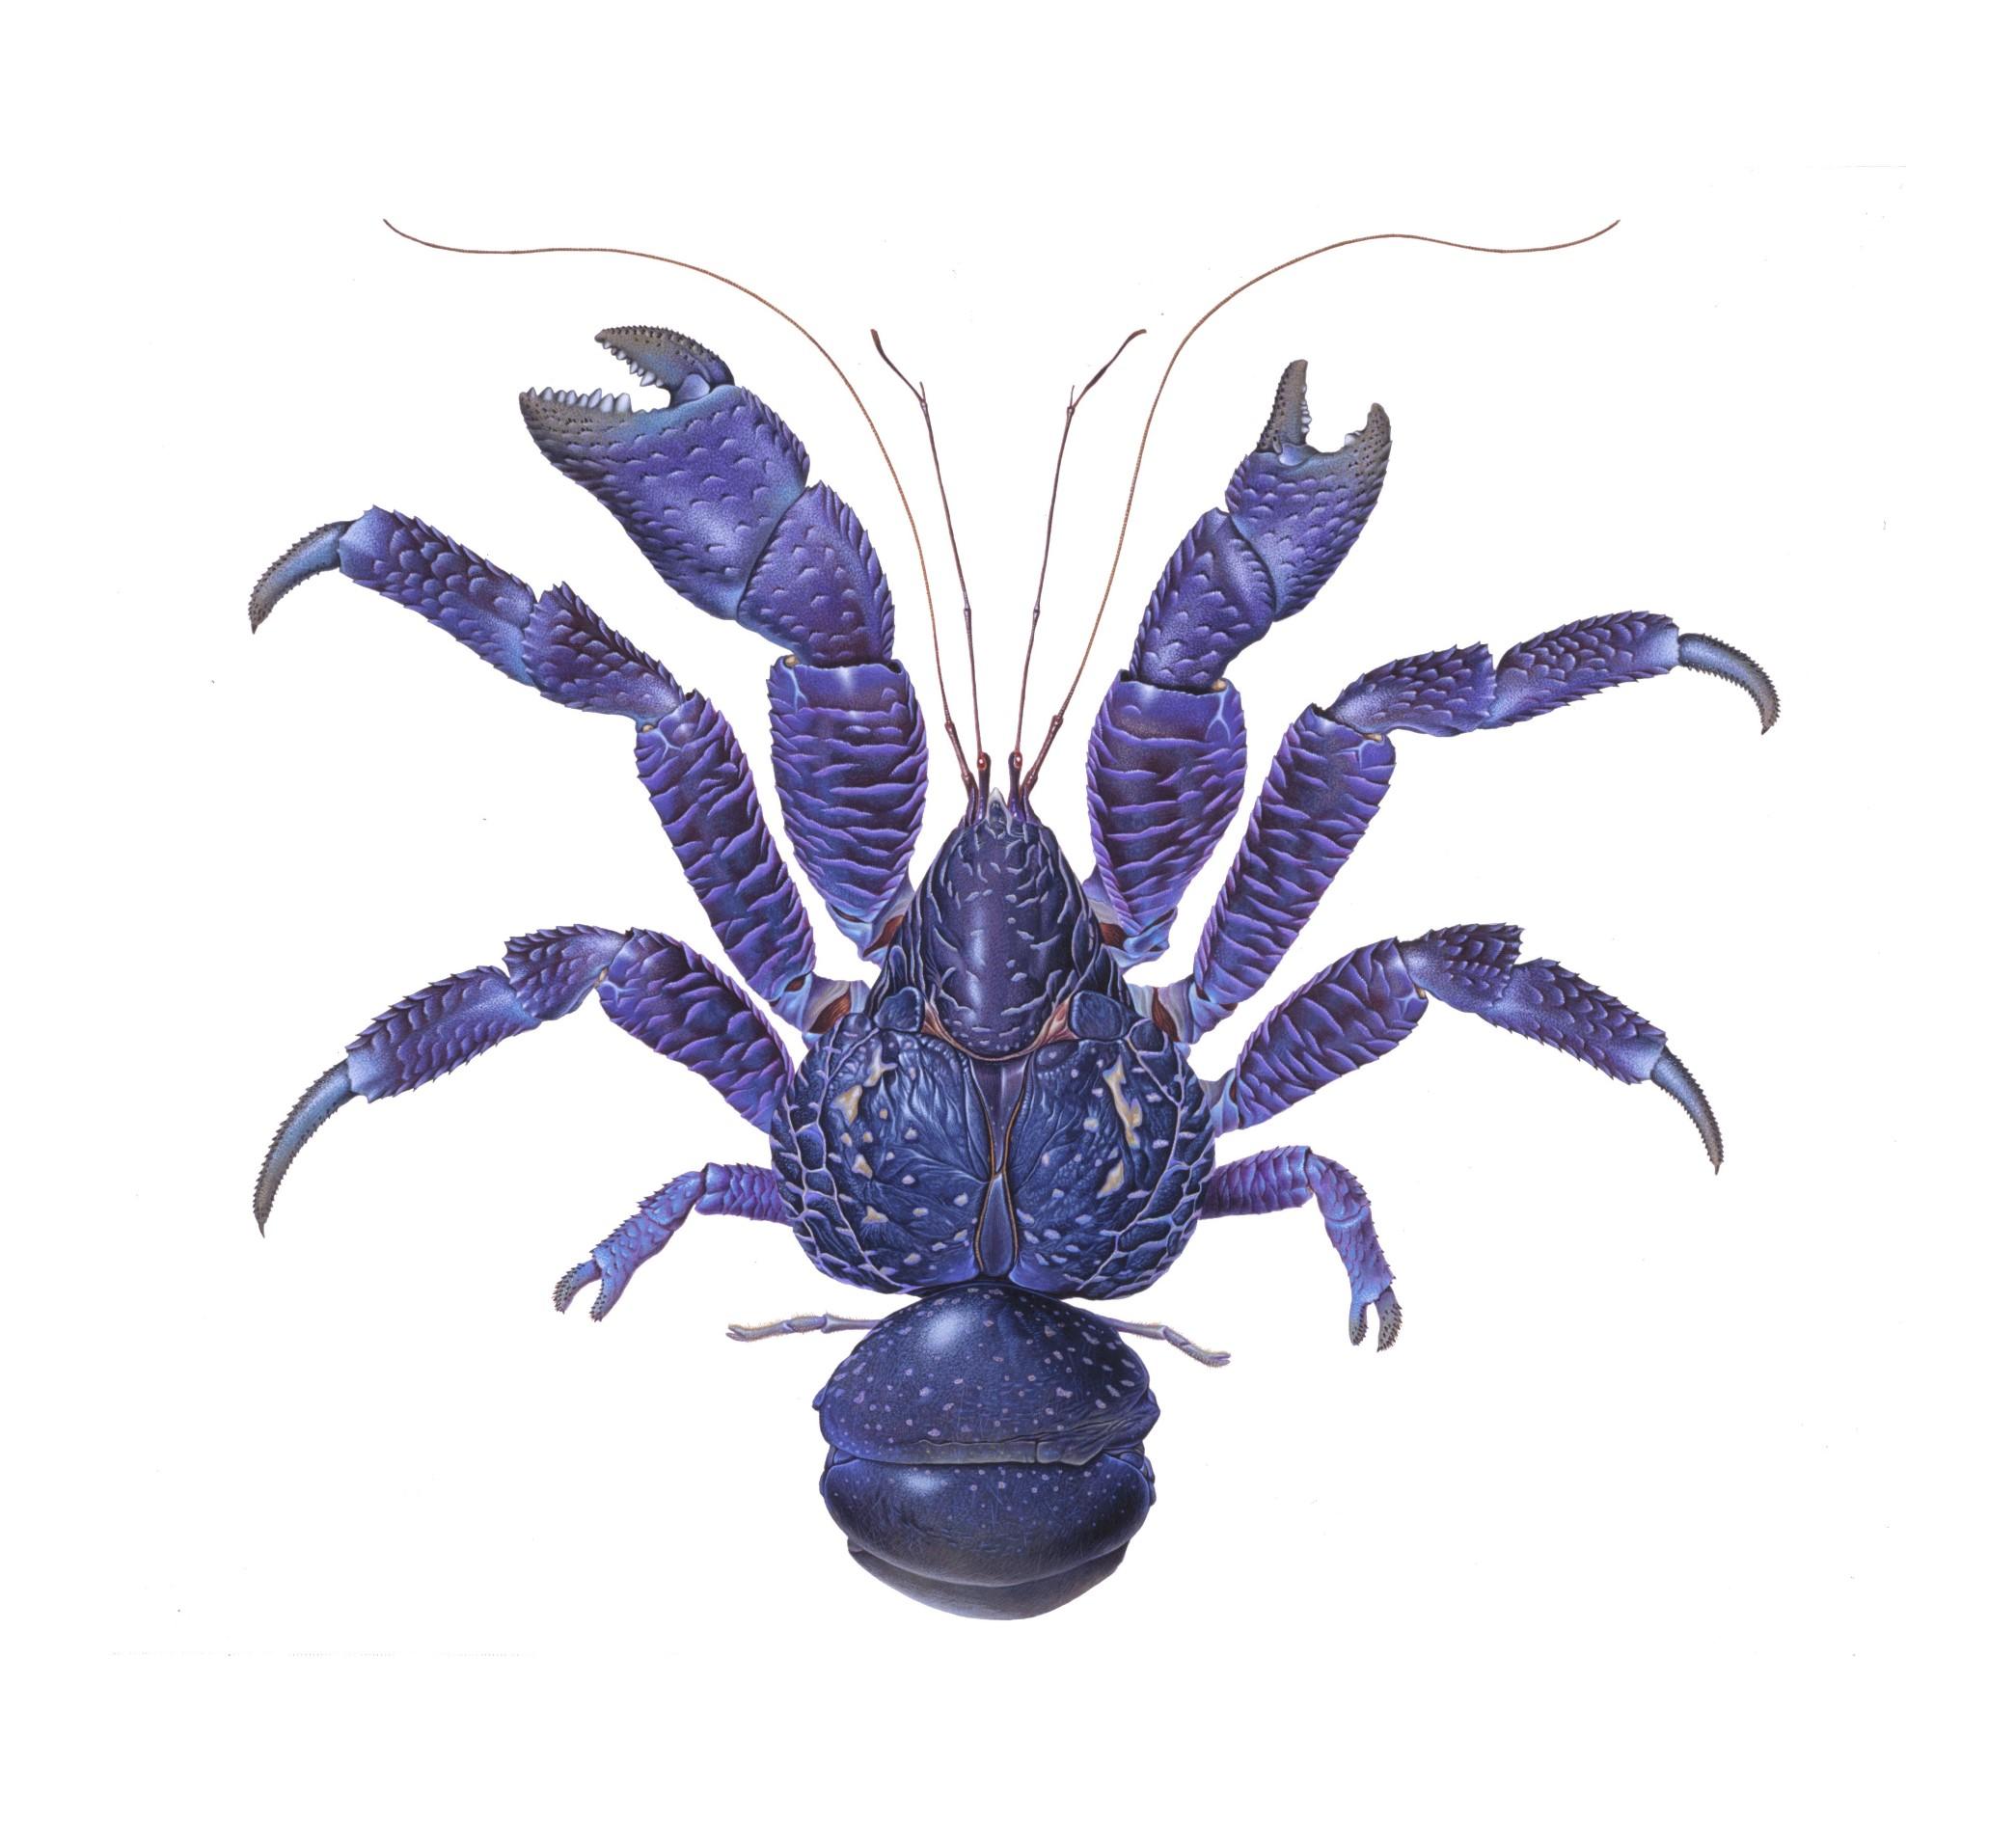 なぜ脊椎動物の足は4本で昆虫は6本なのか